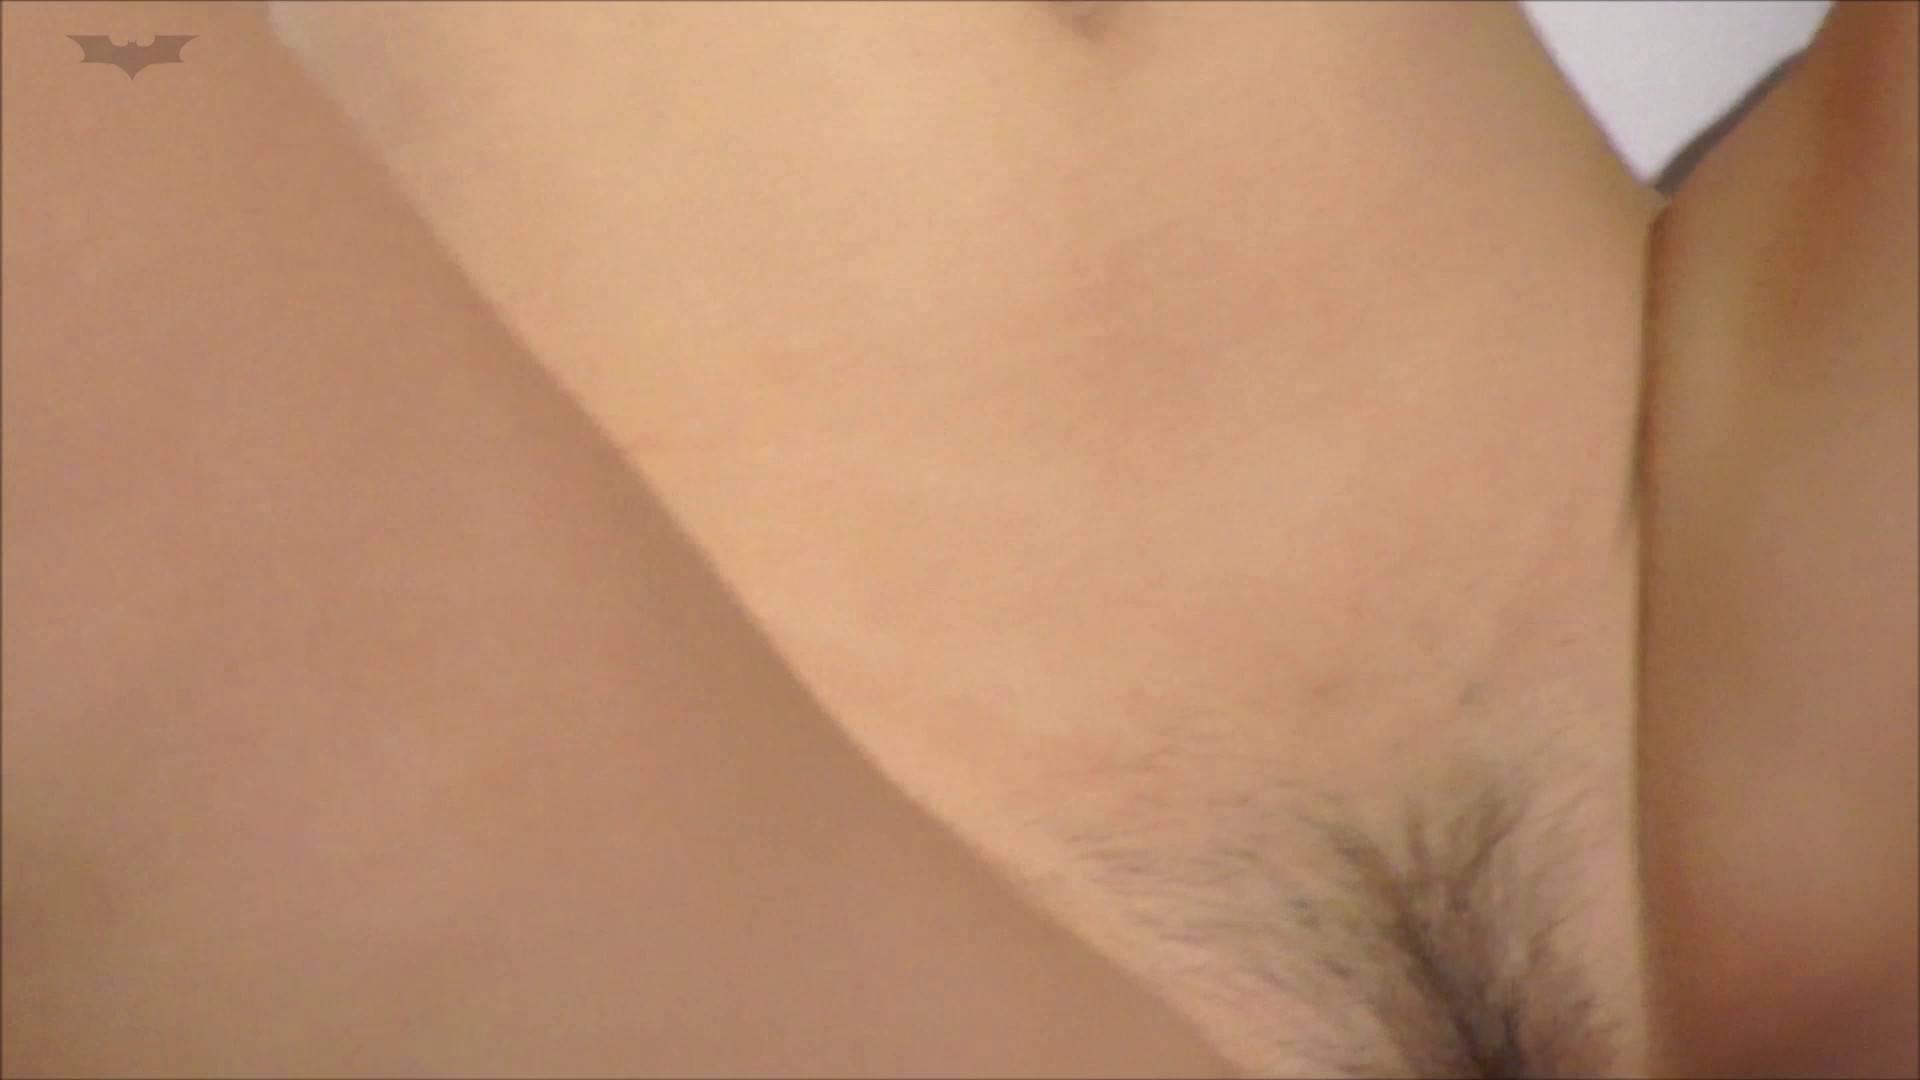 内緒でデリヘル盗撮 Vol.03中編 美肌、美人のデリ嬢にいよいよ挿入! 美肌 | 美人  91連発 81